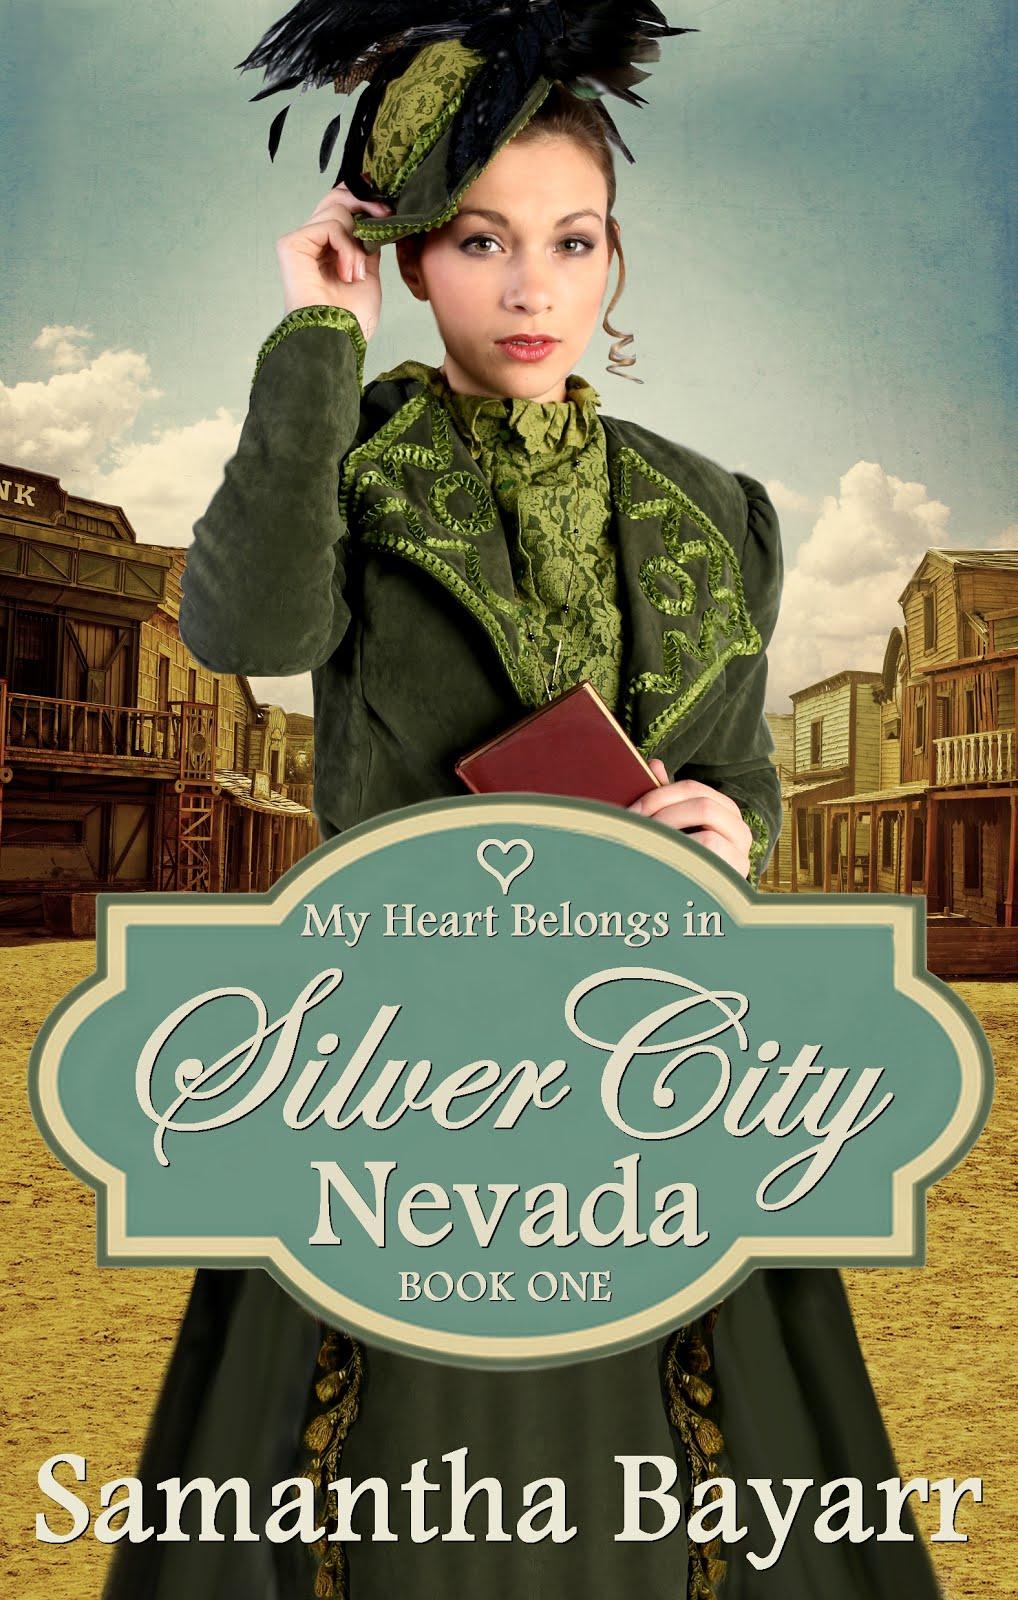 My Heart Belongs in Silver City